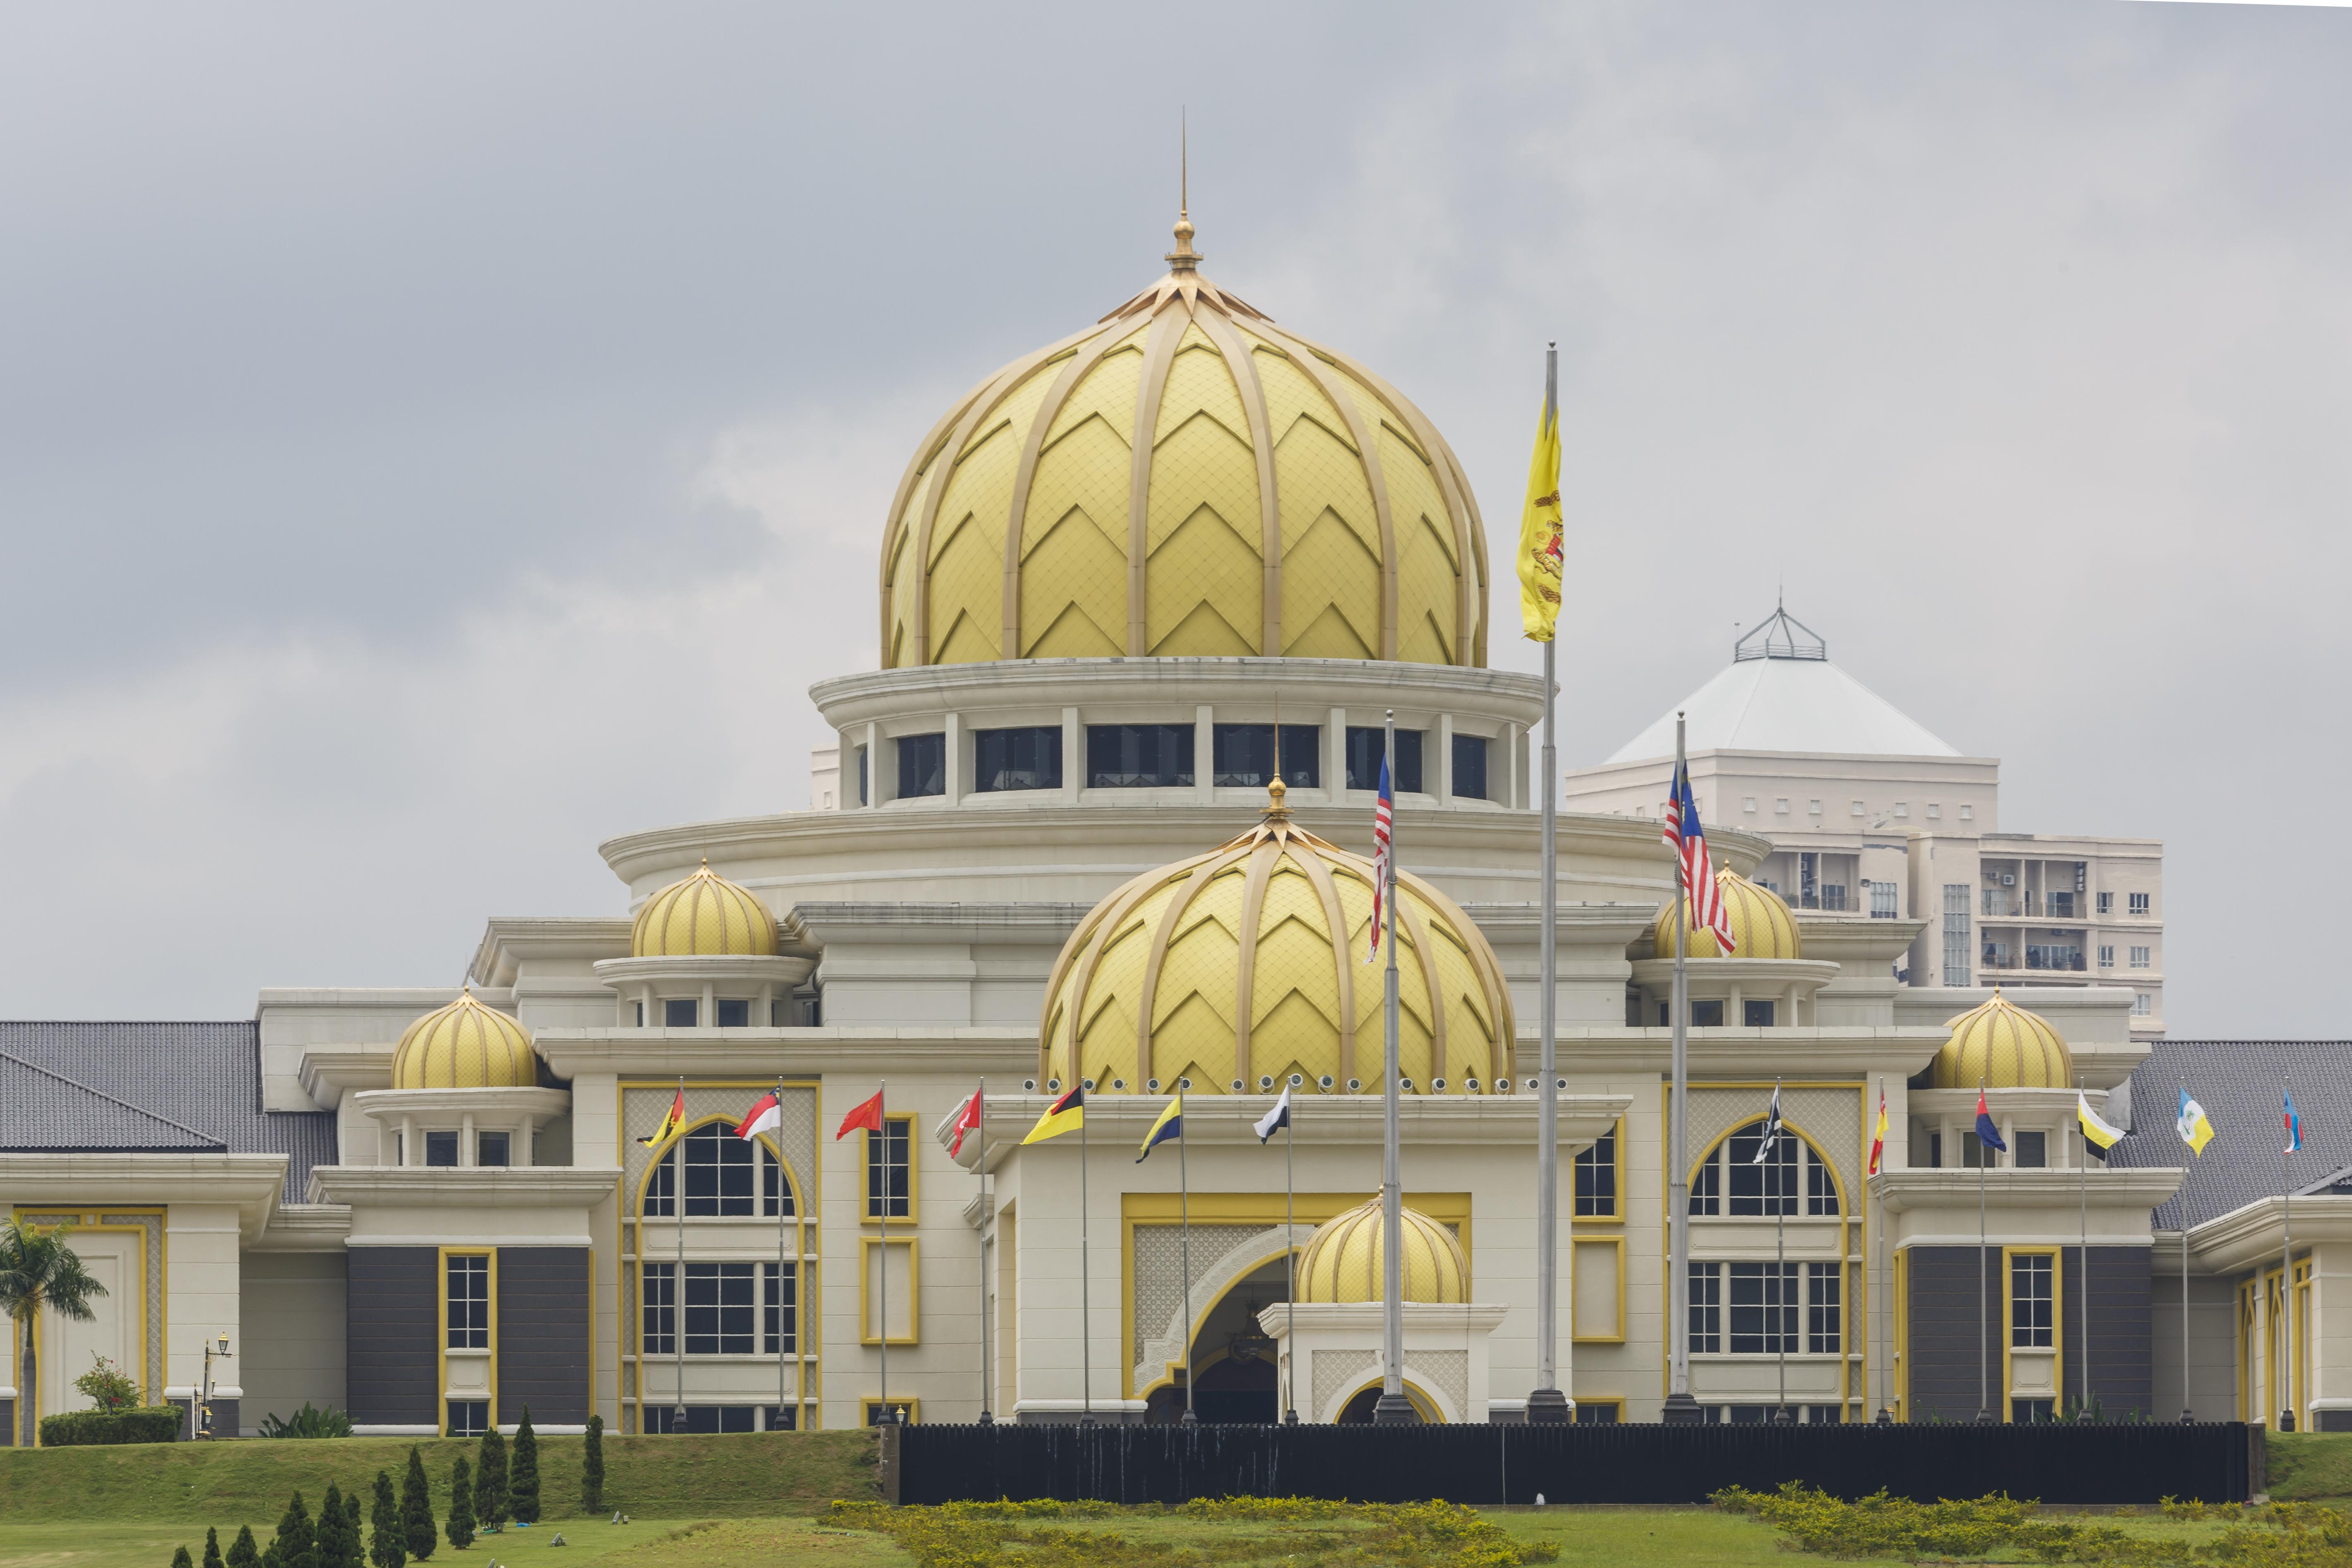 Istana Negara of Malaysia at Jalan Duta, the Official Residence of the Yang DiPertuan Agong of Malaysia.